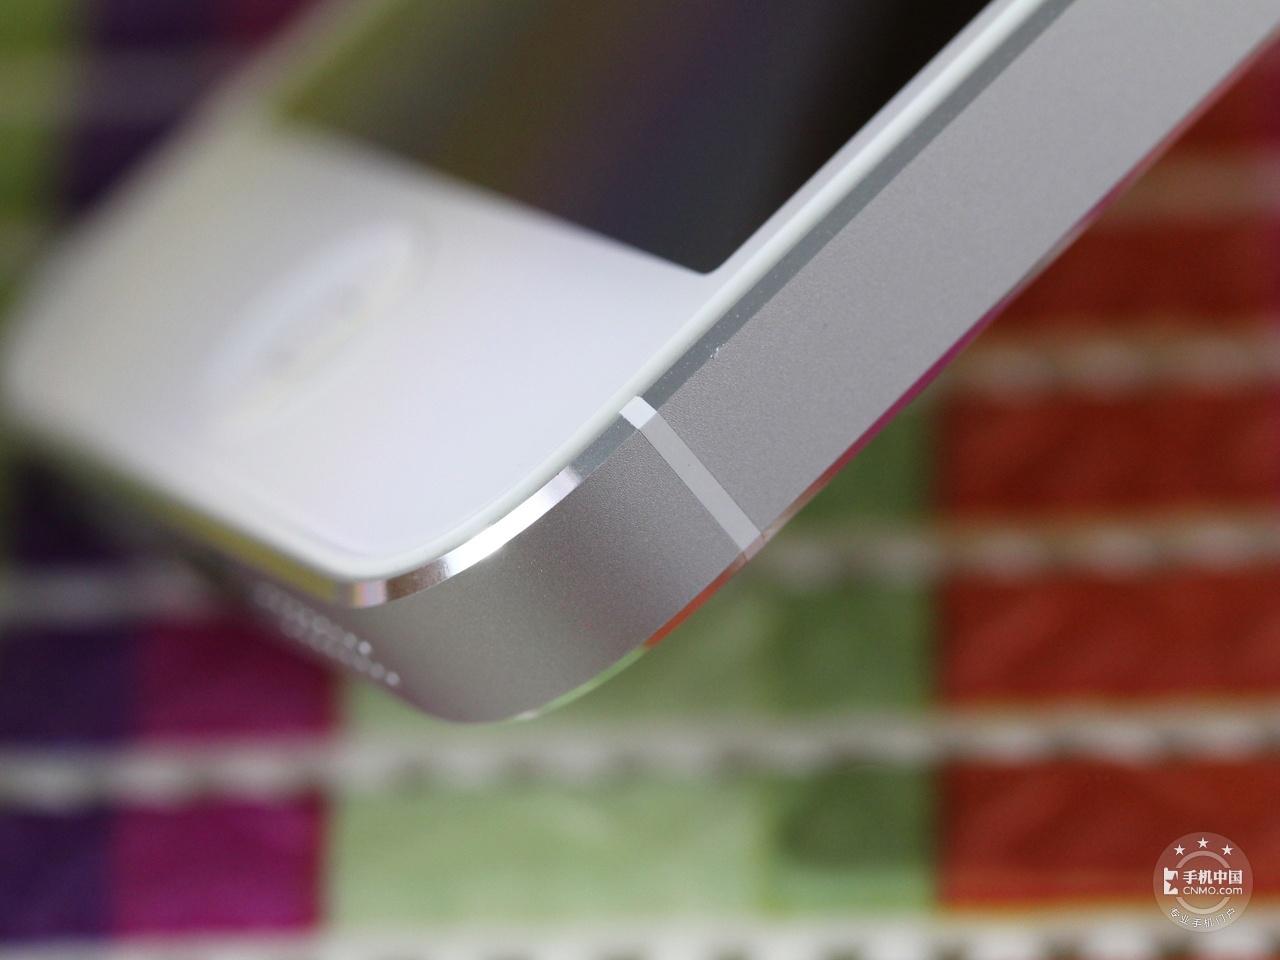 苹果iPhone5(16GB)机身细节第1张